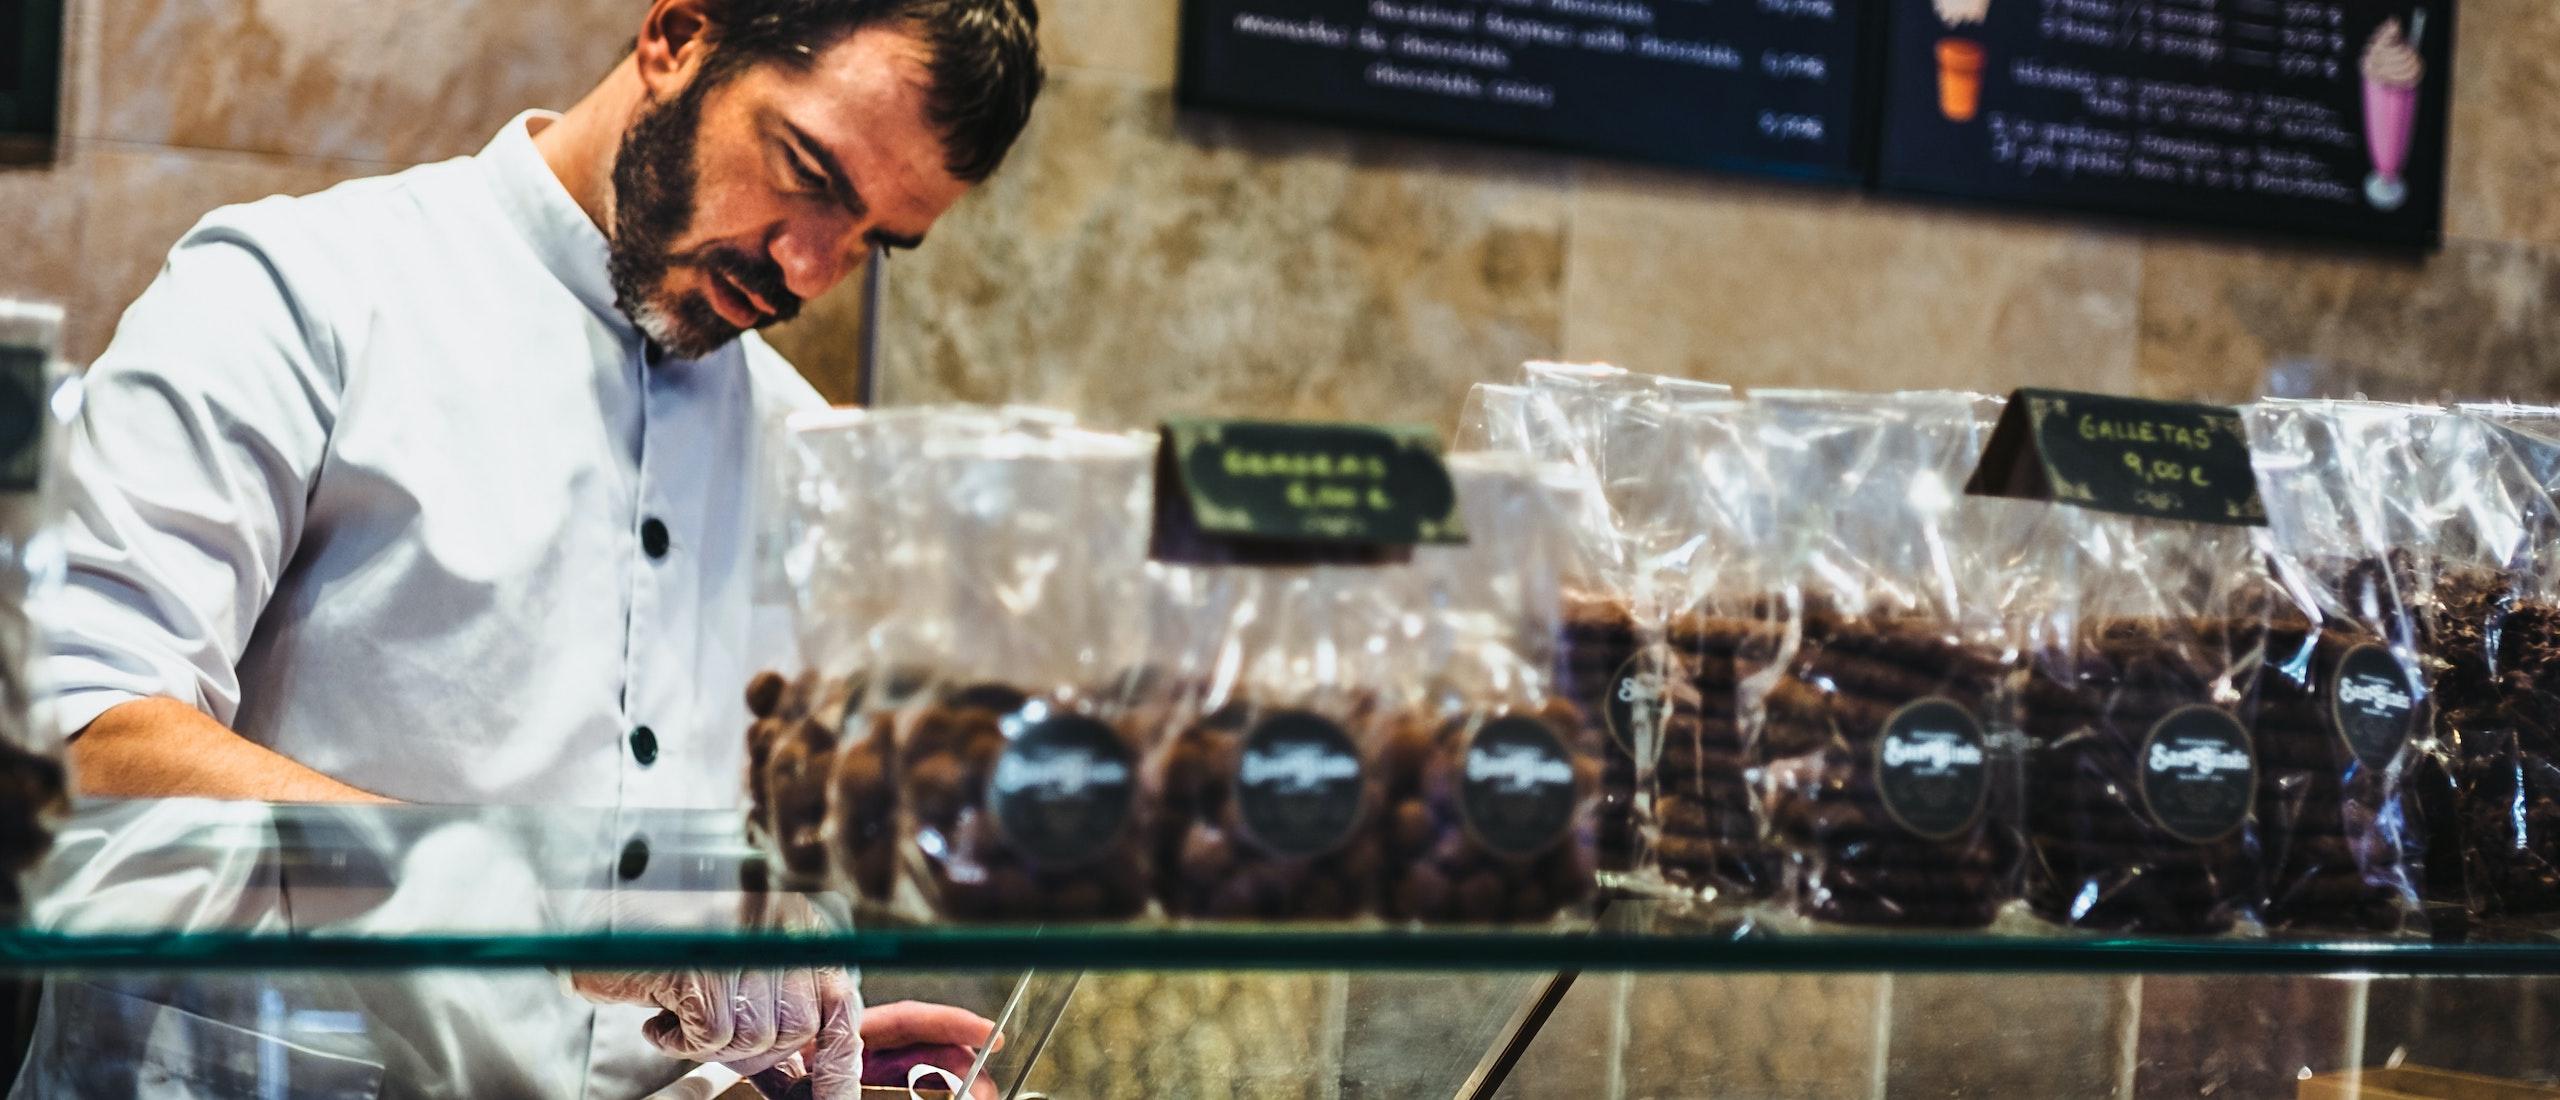 Снимка на мъж в сладкарница